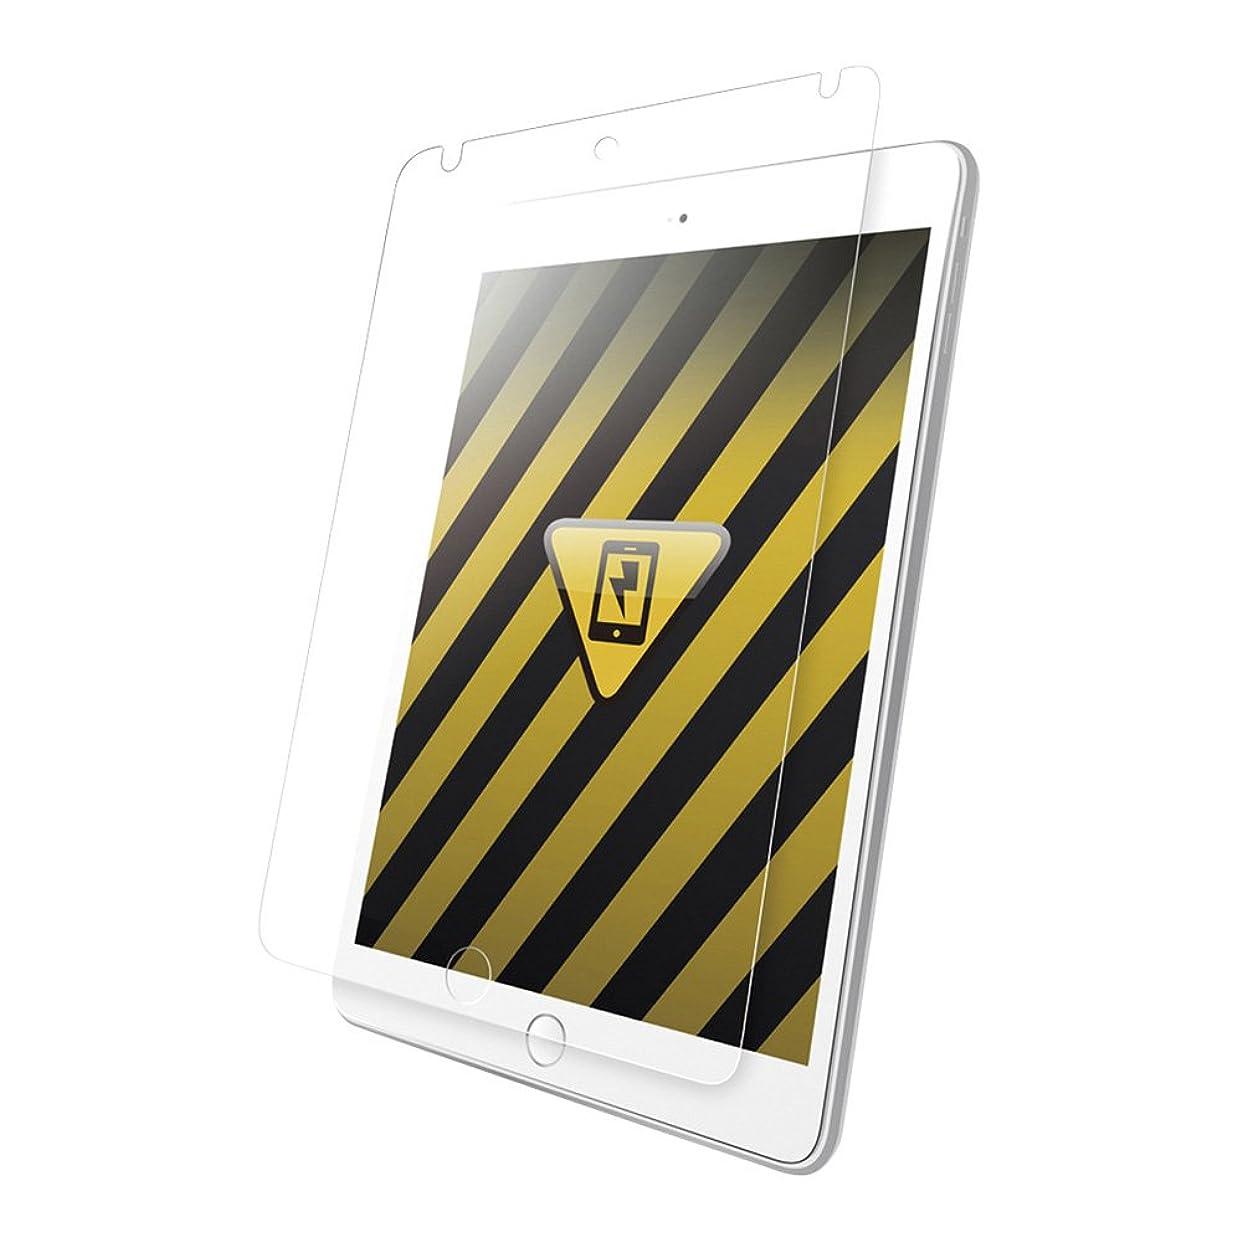 ベル医療過誤ヒューマニスティックBUFFALO iPad mini 4専用 耐衝撃フィルム スムースタッチタイプ BSIPD715FAST